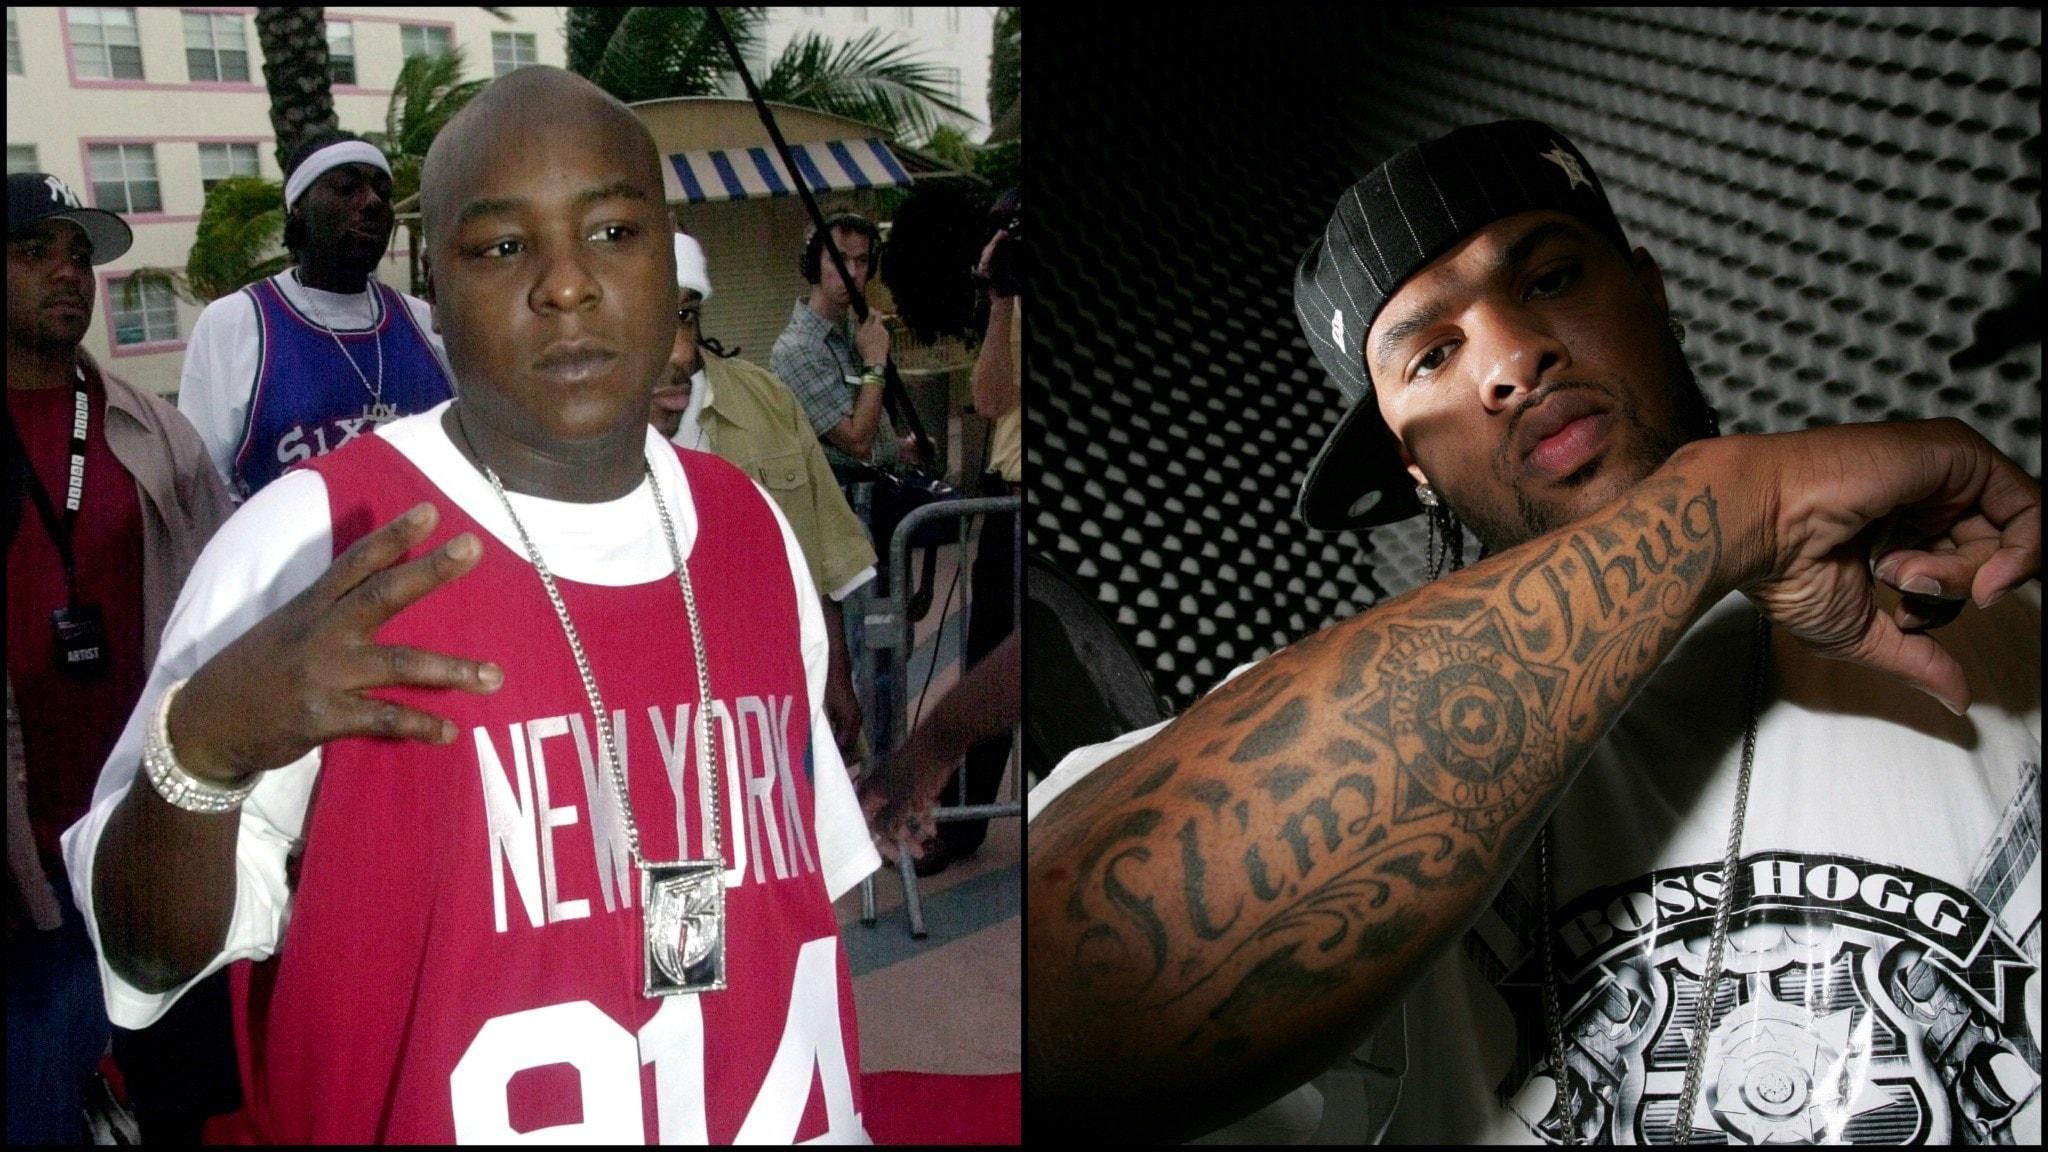 Jadakiss och Slim Thug. Foto: TT/DAVID J. PHILLIP/MARTA LAVANDIER